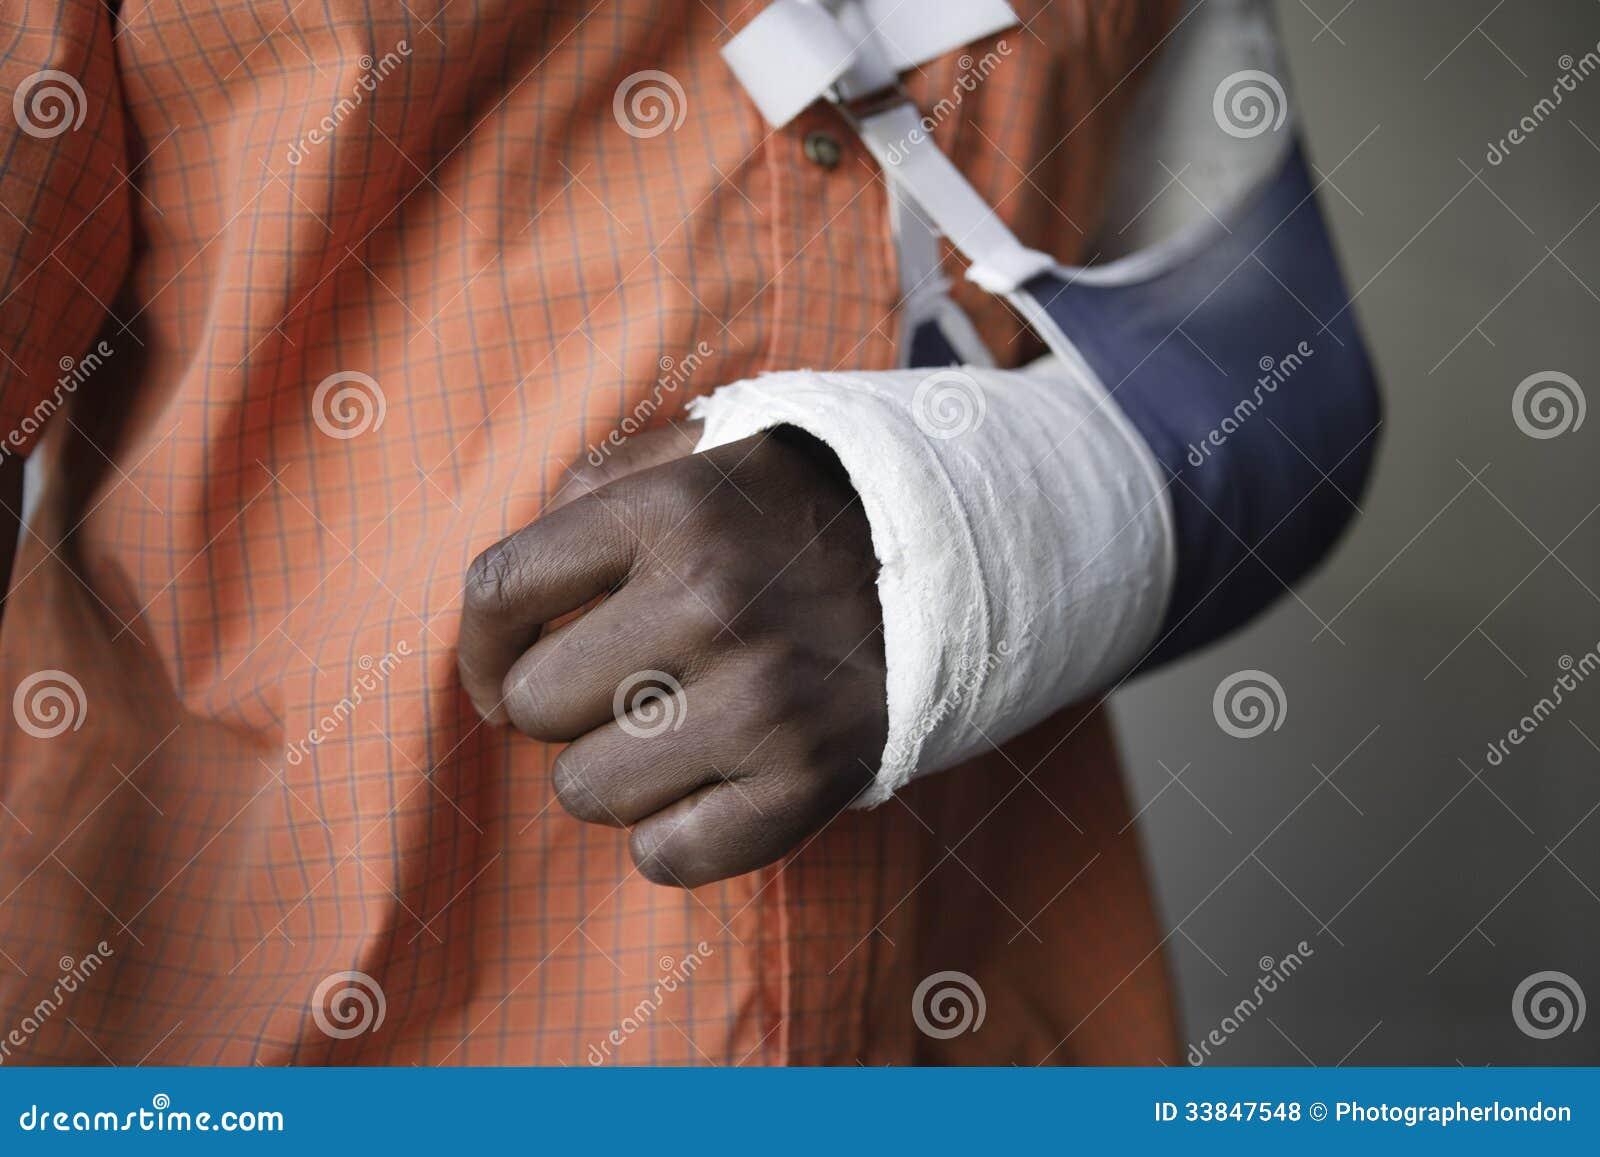 Mężczyzna Z Łamaną ręką W obsadzie